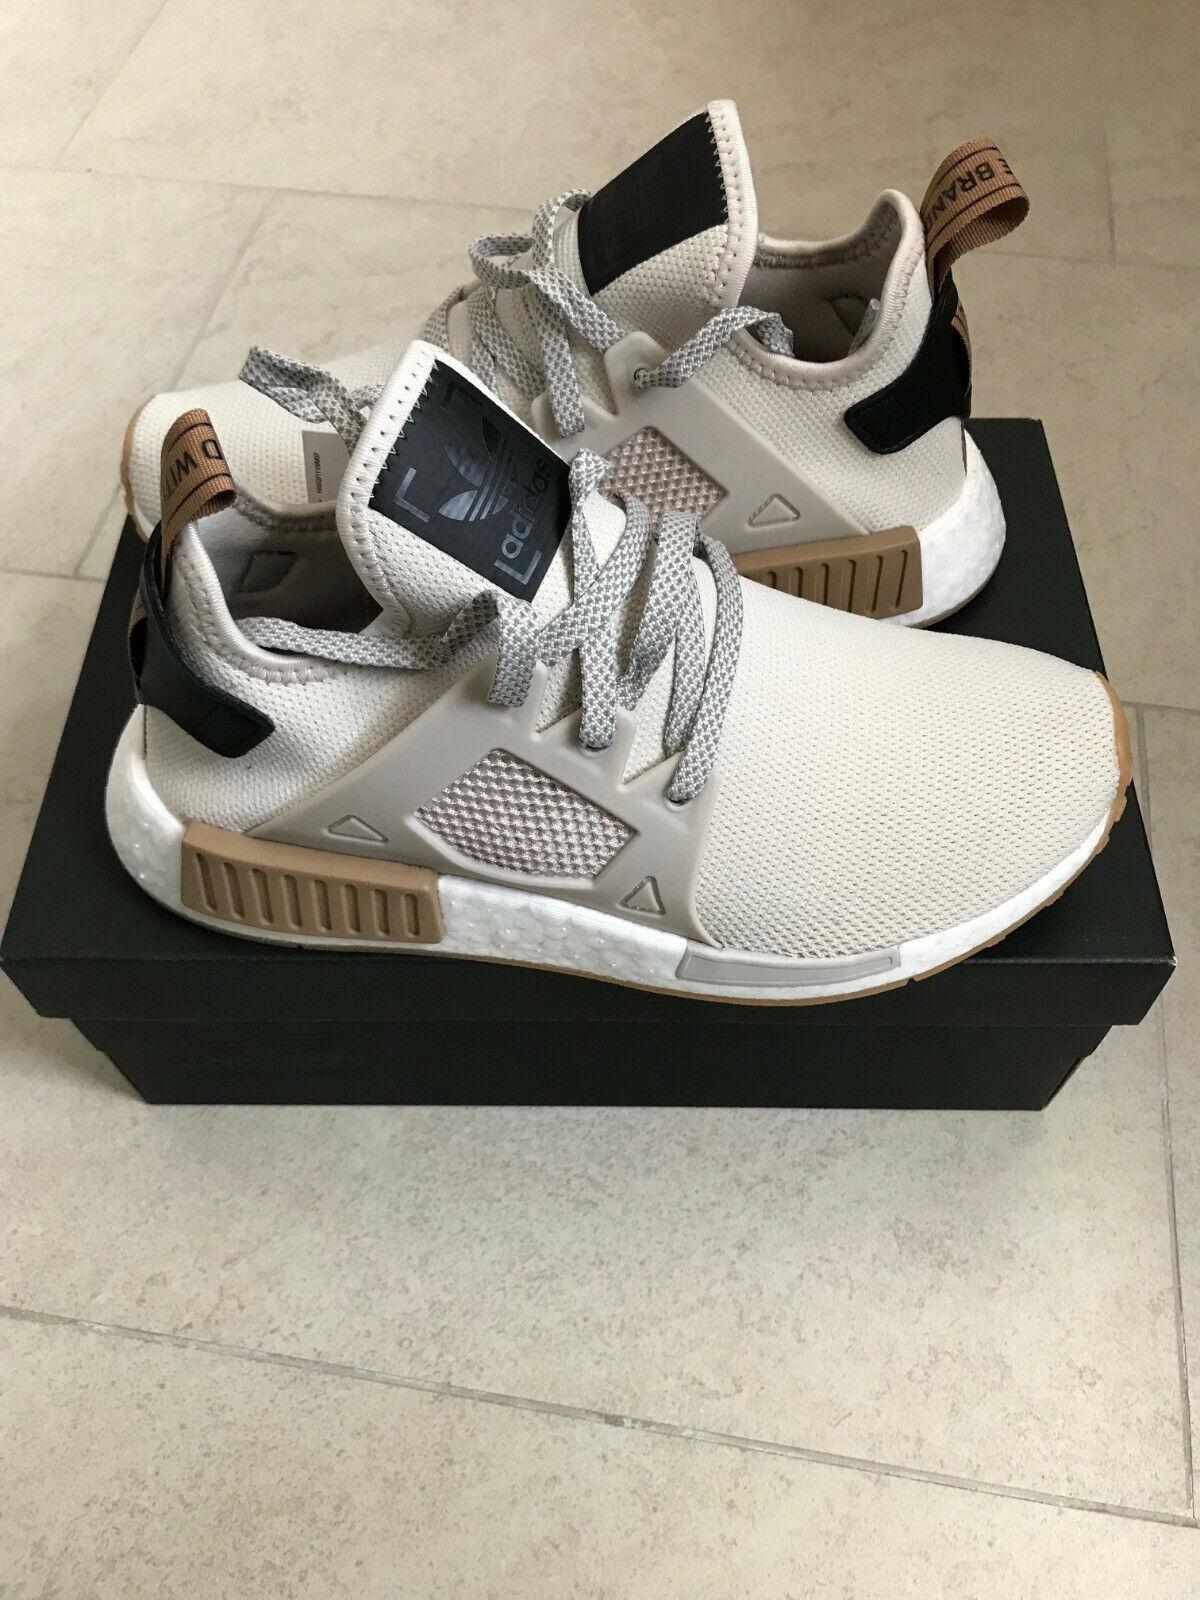 Adidas Schuhe Herren Nmd Vergleich Test +++ Adidas Schuhe